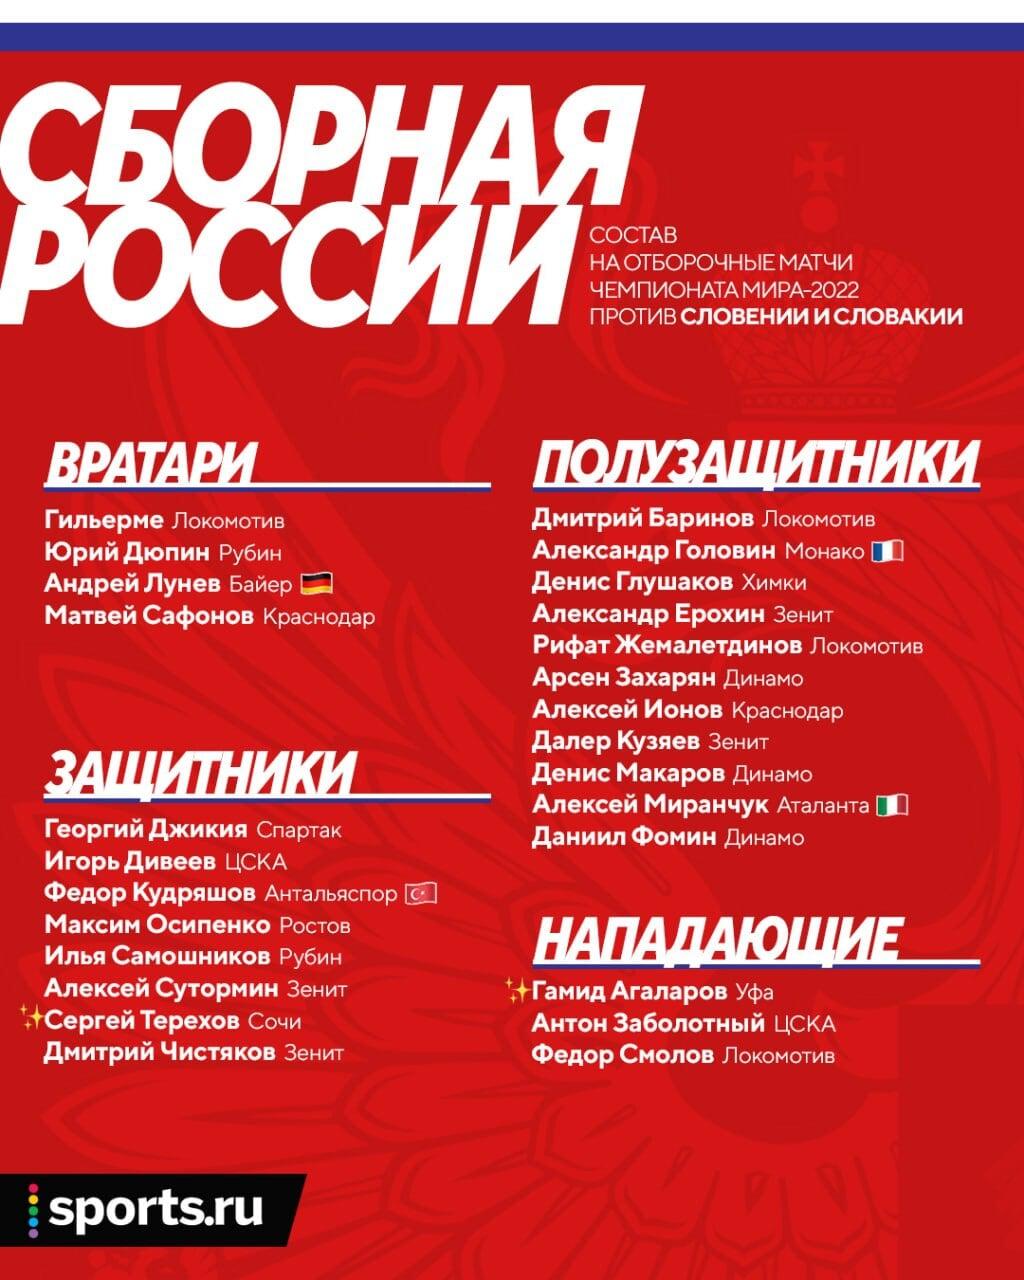 От сборной отцепили Крицюка, Караваева, Бакаева, Зиньковского, Мухина и Тюкавина – как вам выбор на ключевые матчи?